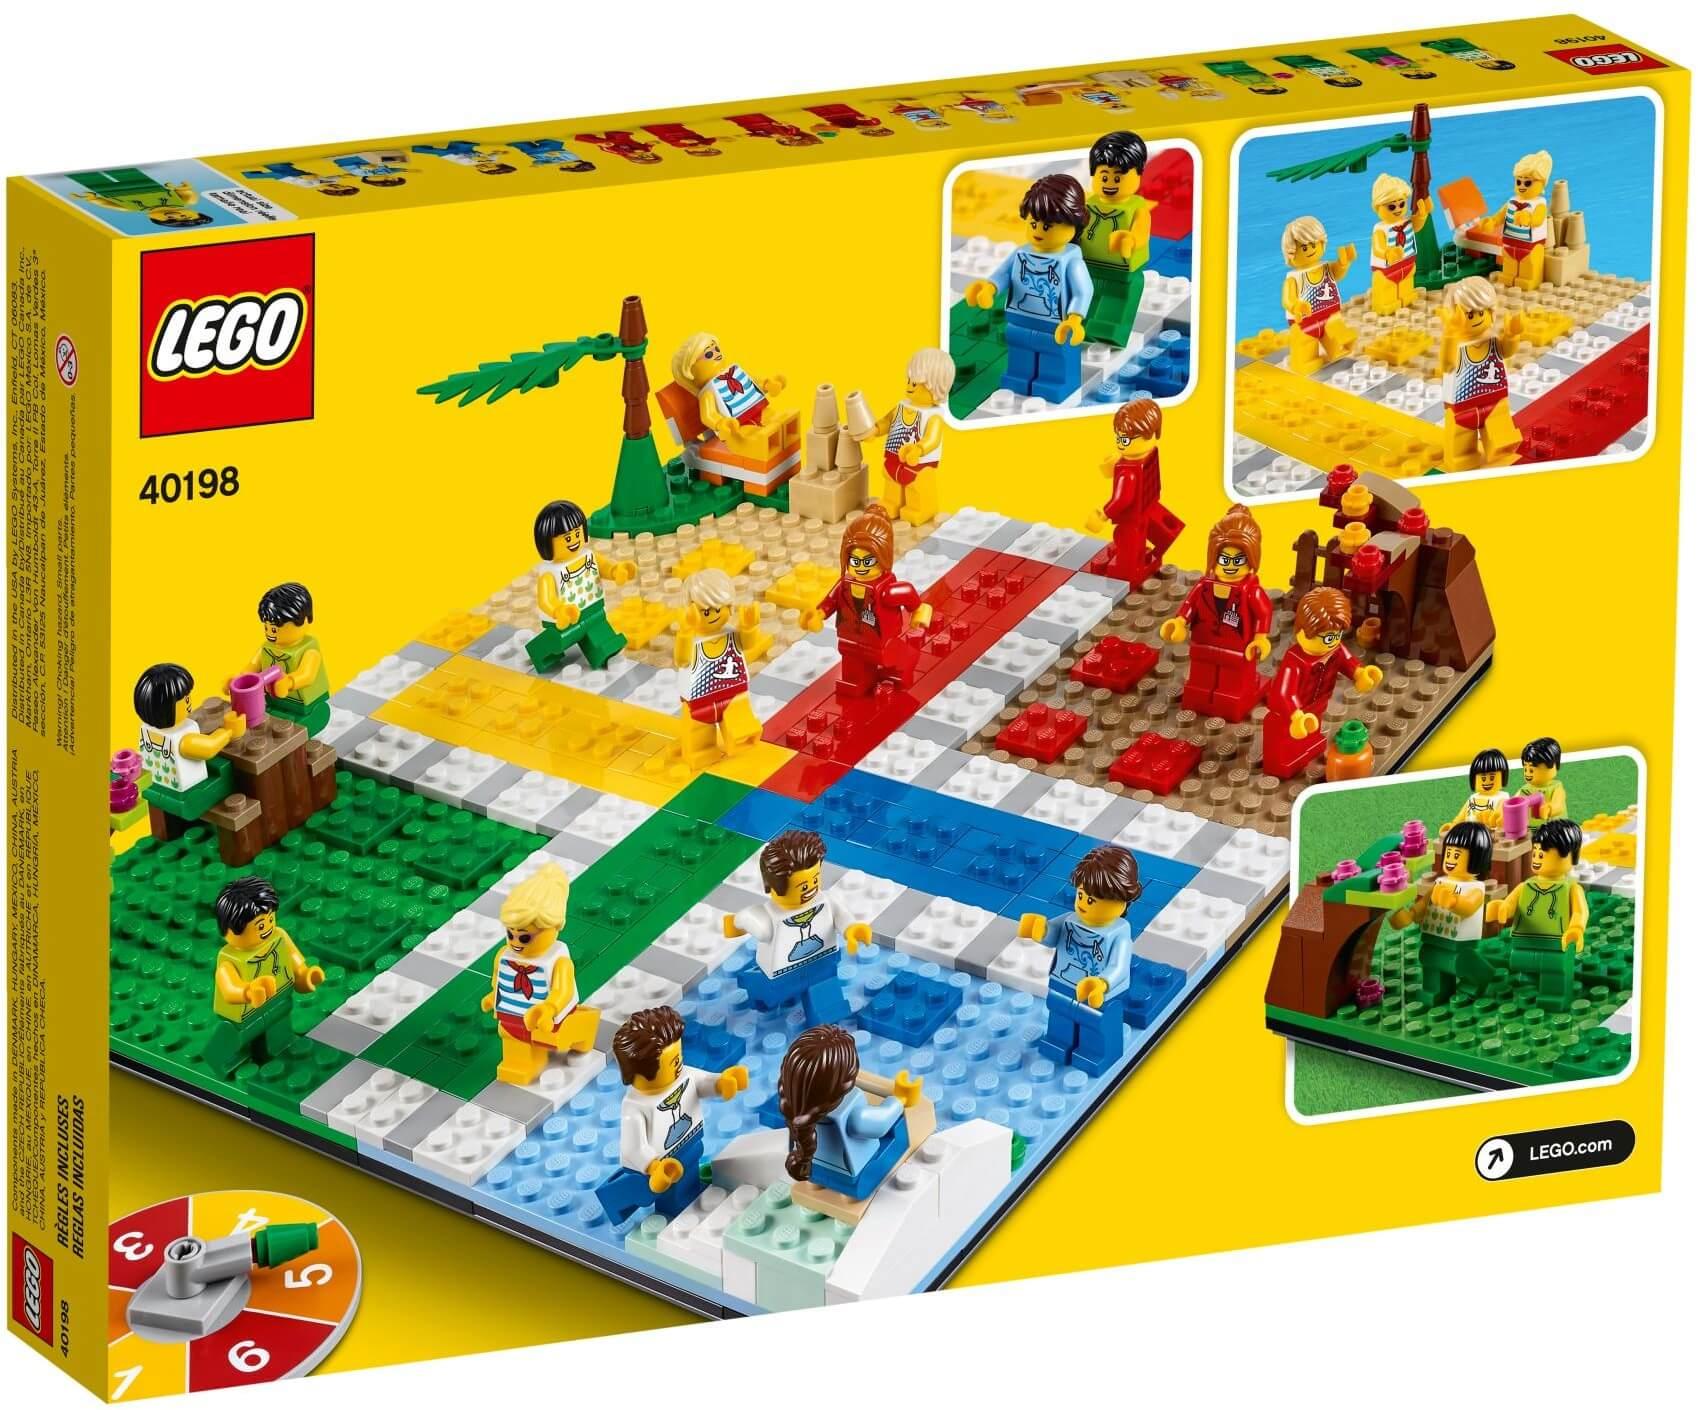 Đồ chơi lắp ráp LEGO Ideas 40198 - Cờ Cá Ngựa LEGO Ludo Game (LEGO 40198  LEGO Ludo Game) giá rẻ ở Việt Nam